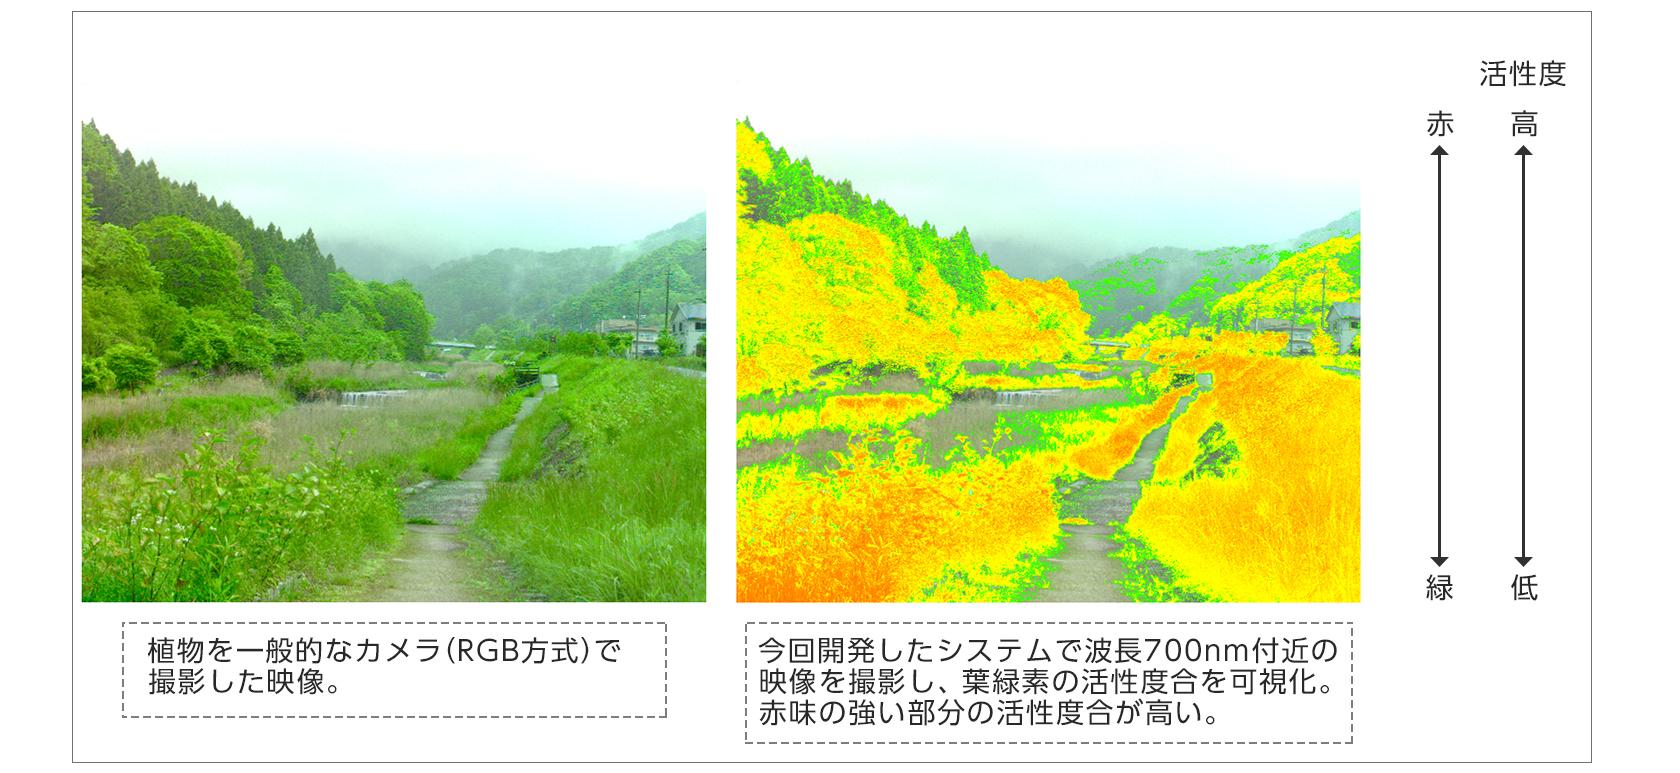 [図]【今回開発したマルチスペクトルカメラシステムの活用事例】①植物の生育観察